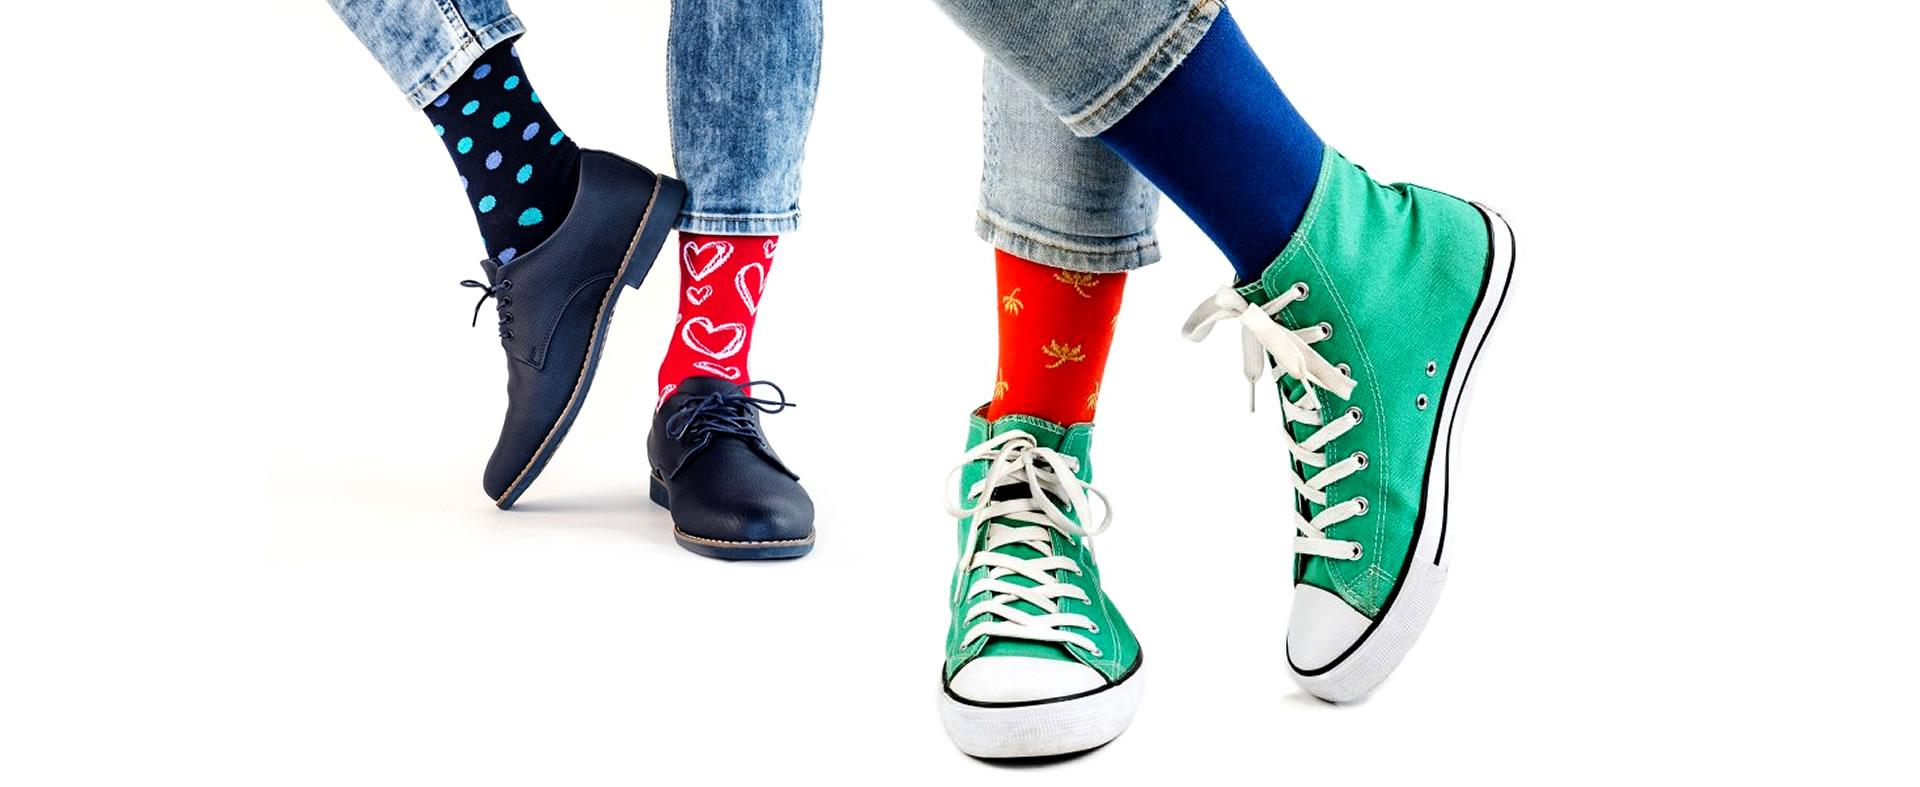 Giornata Mondiale dei Calzini Spaiati: workshop sull'inclusione organizzato da Artdisk